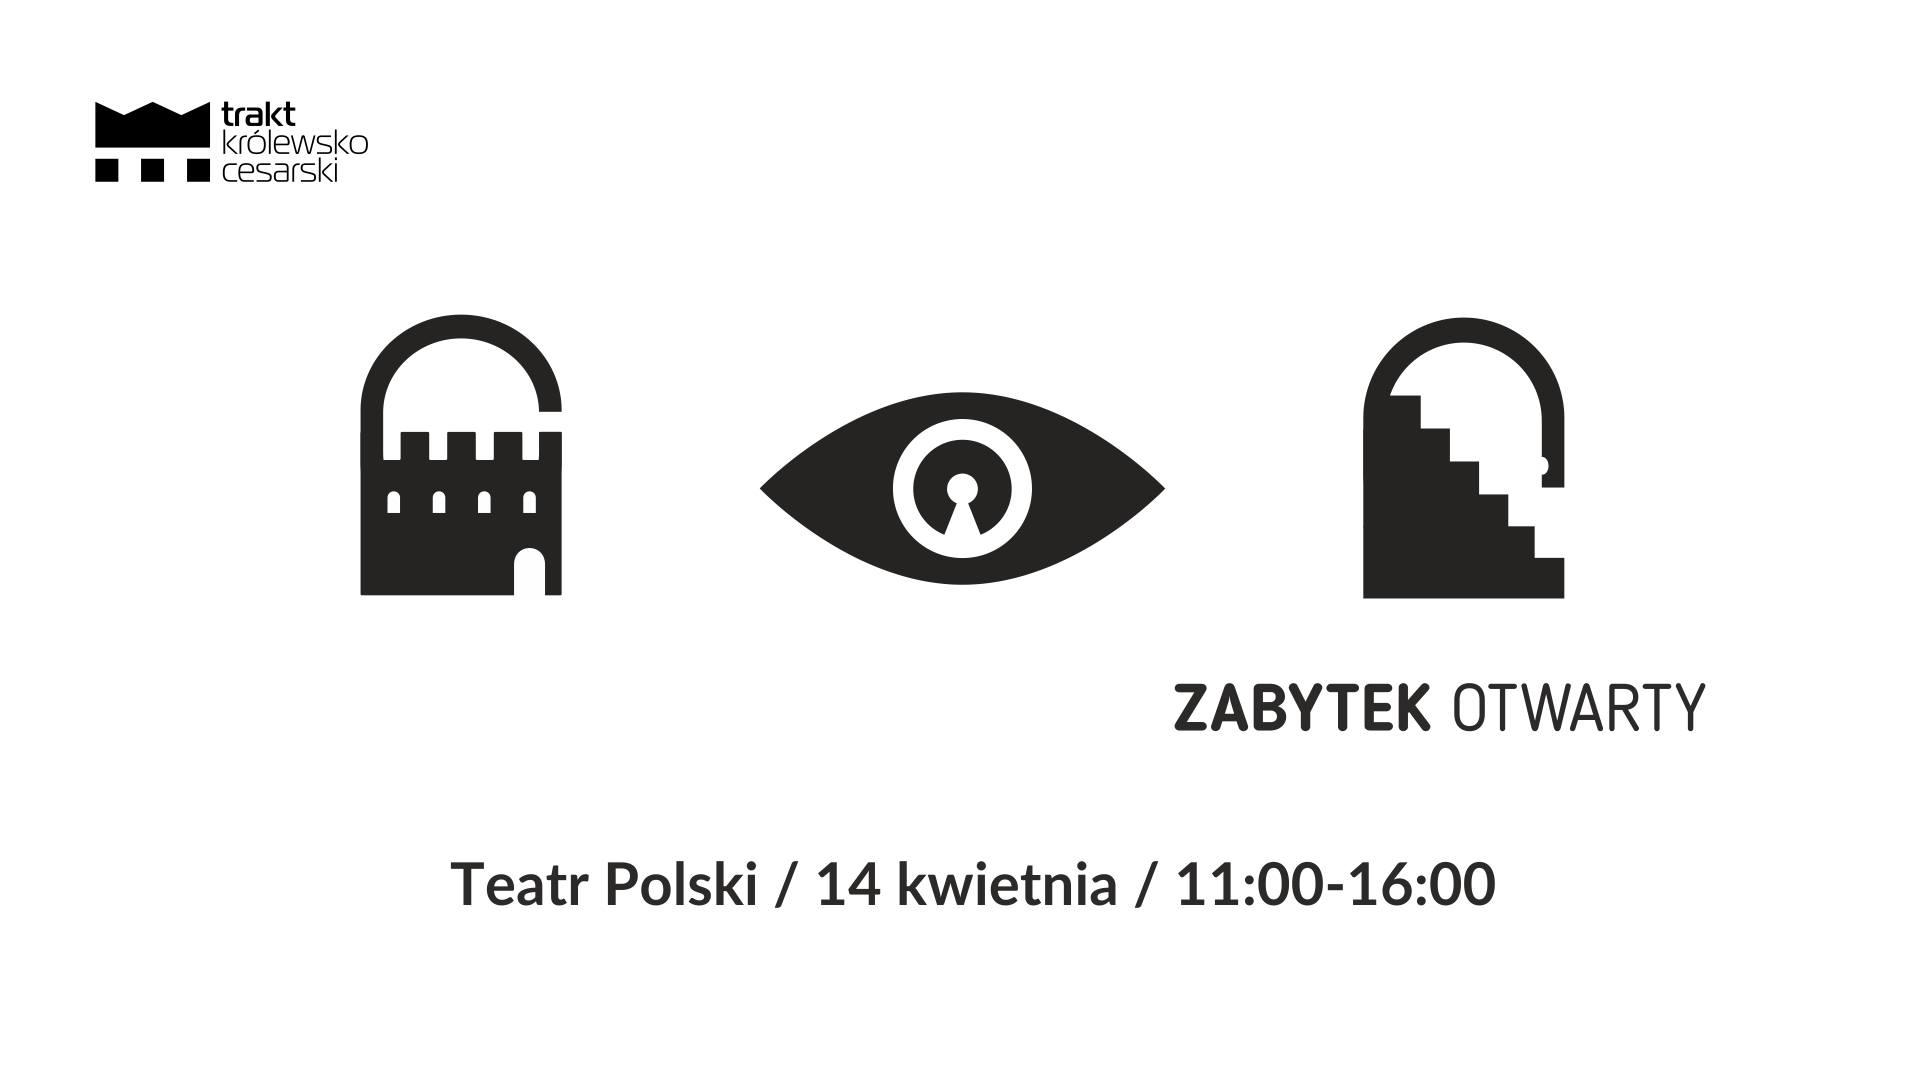 Zabytek Otwarty w Teatrze Polskim!